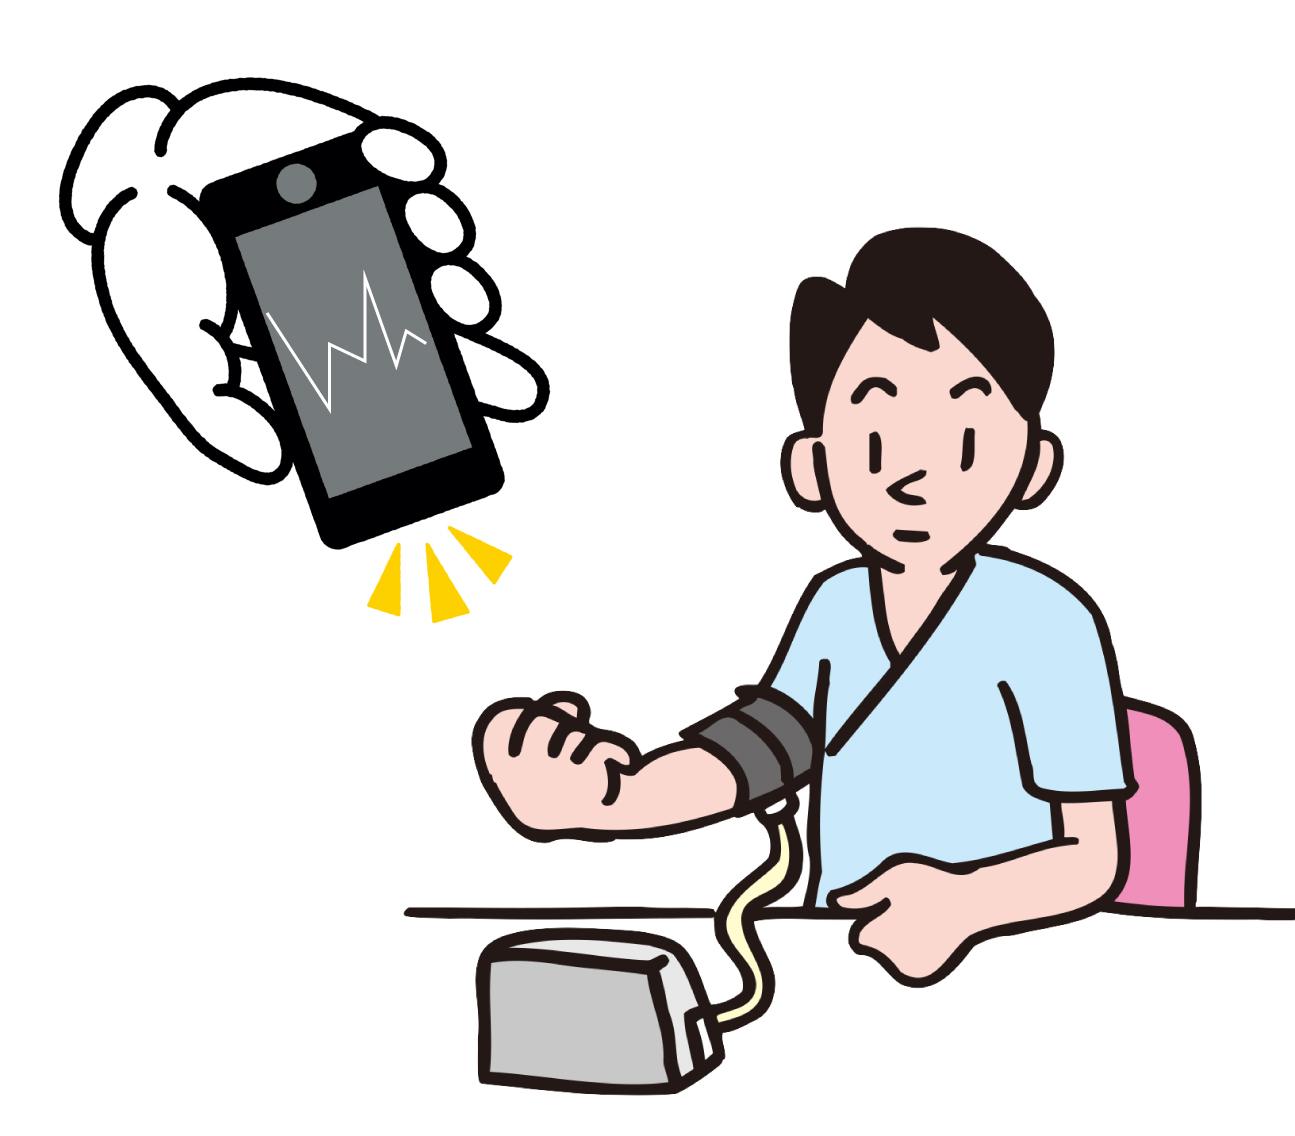 血圧計アイキャッチ